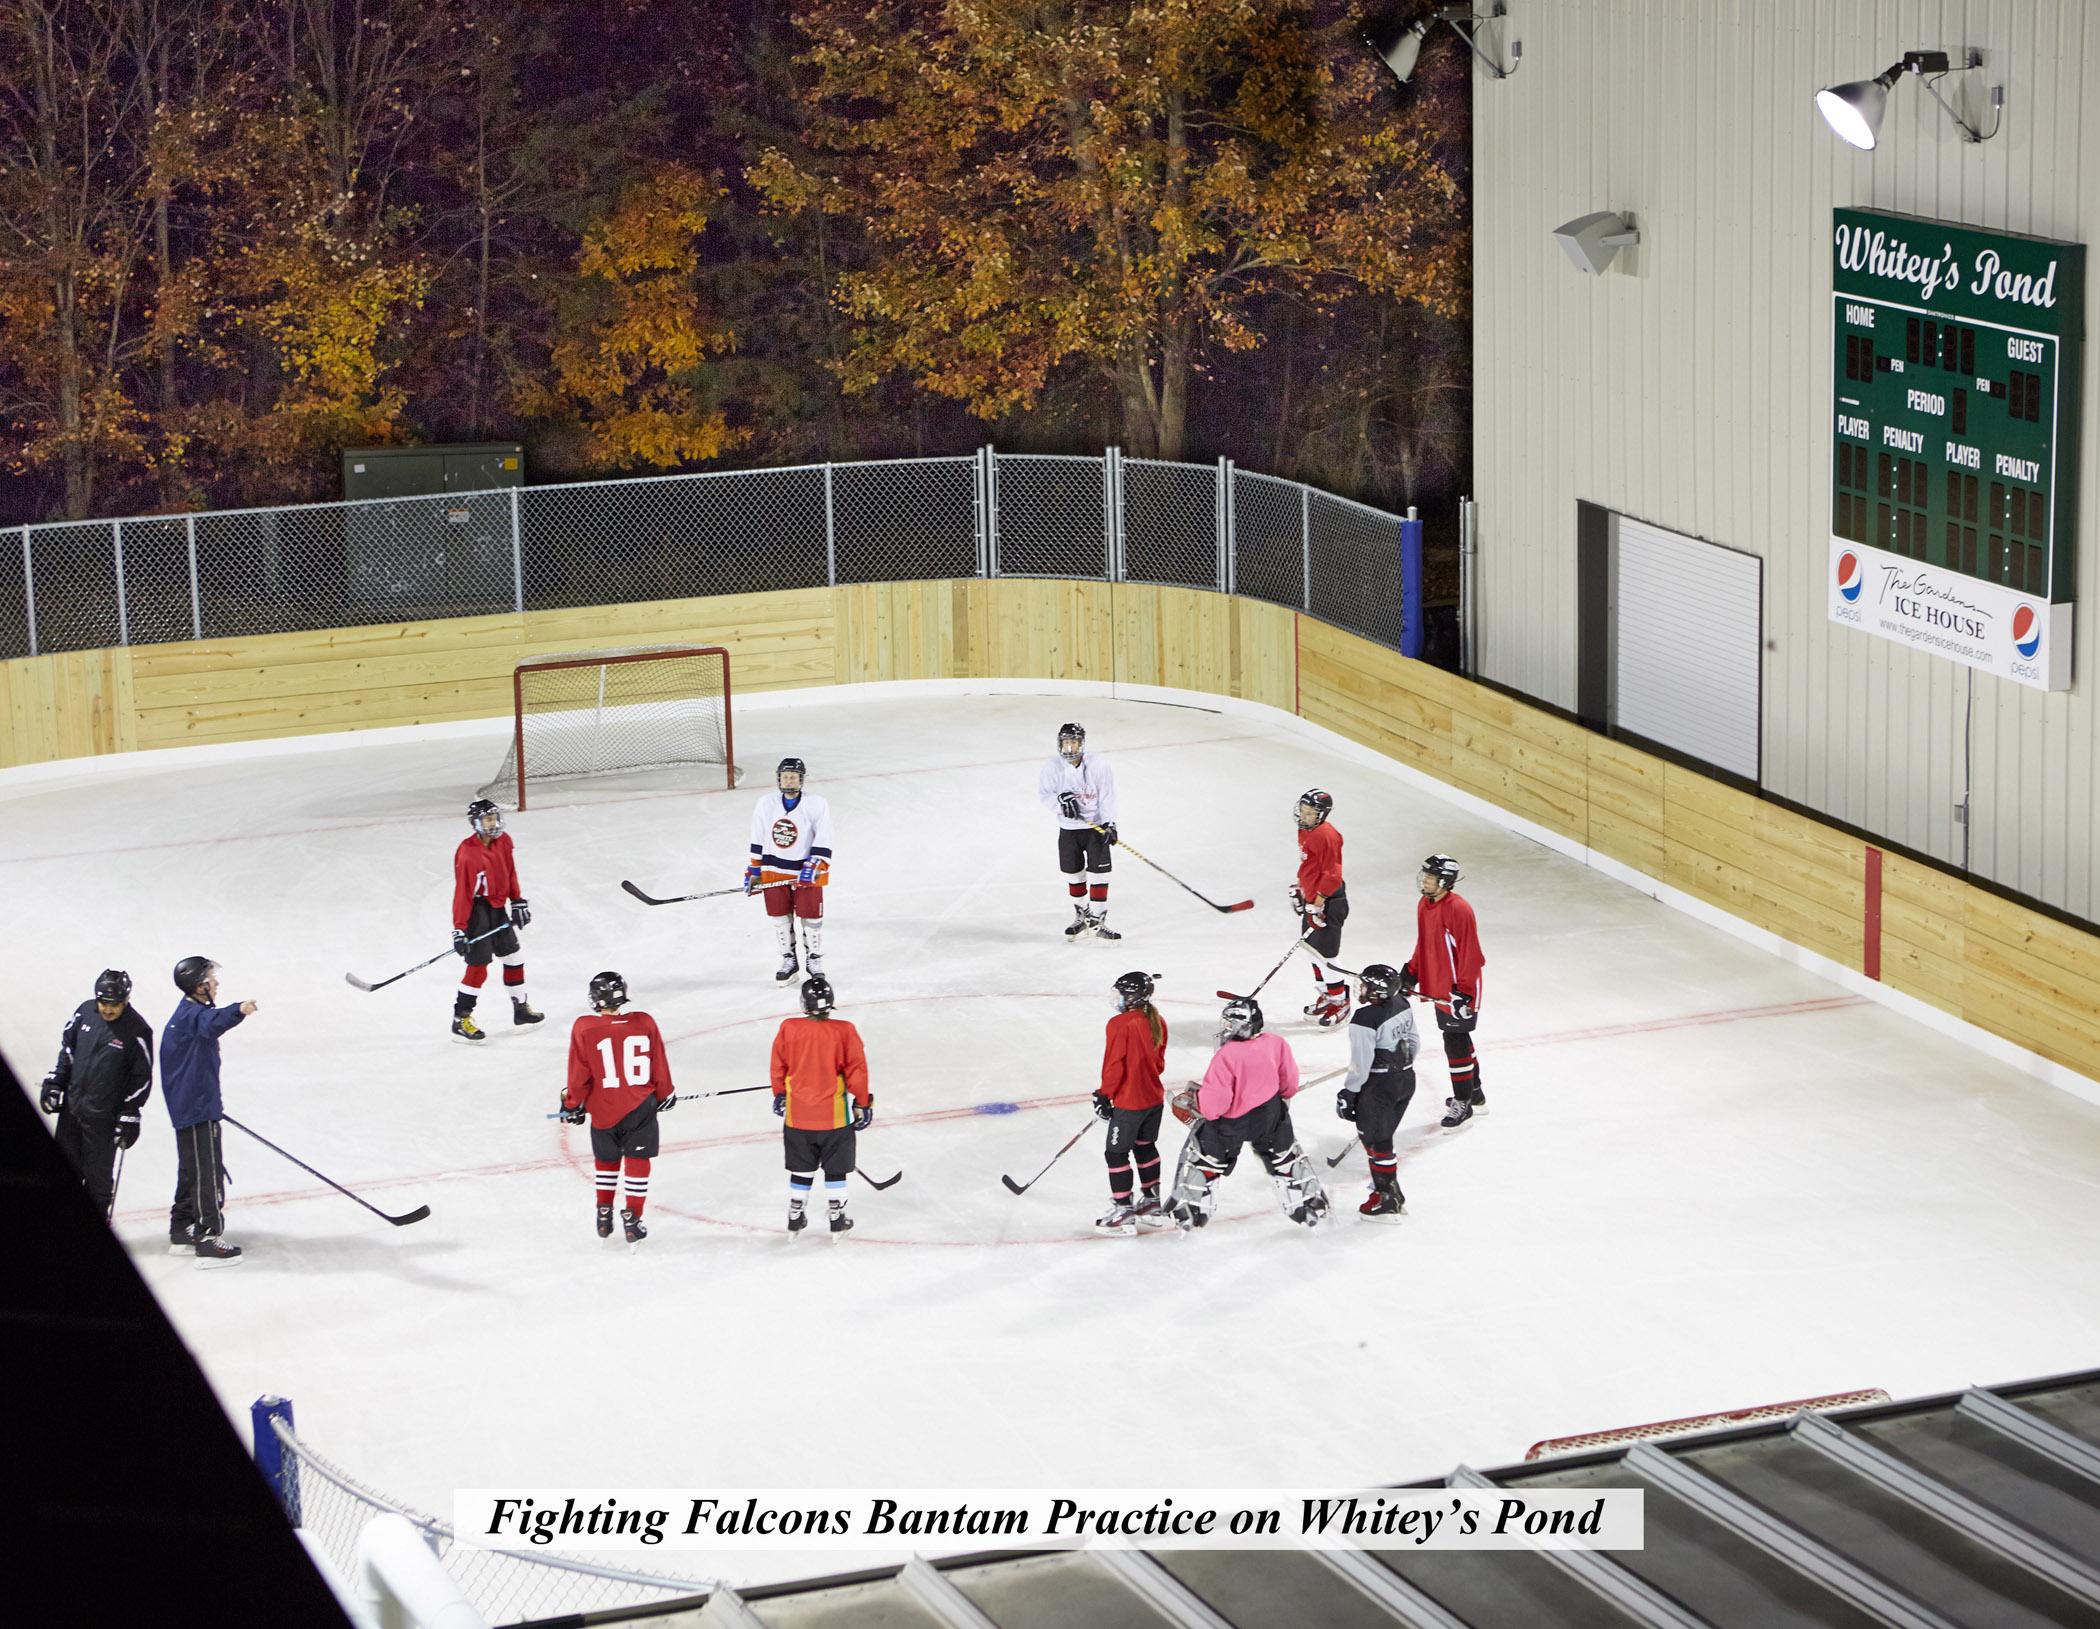 Roller skating rink laurel md - Commercial Photography